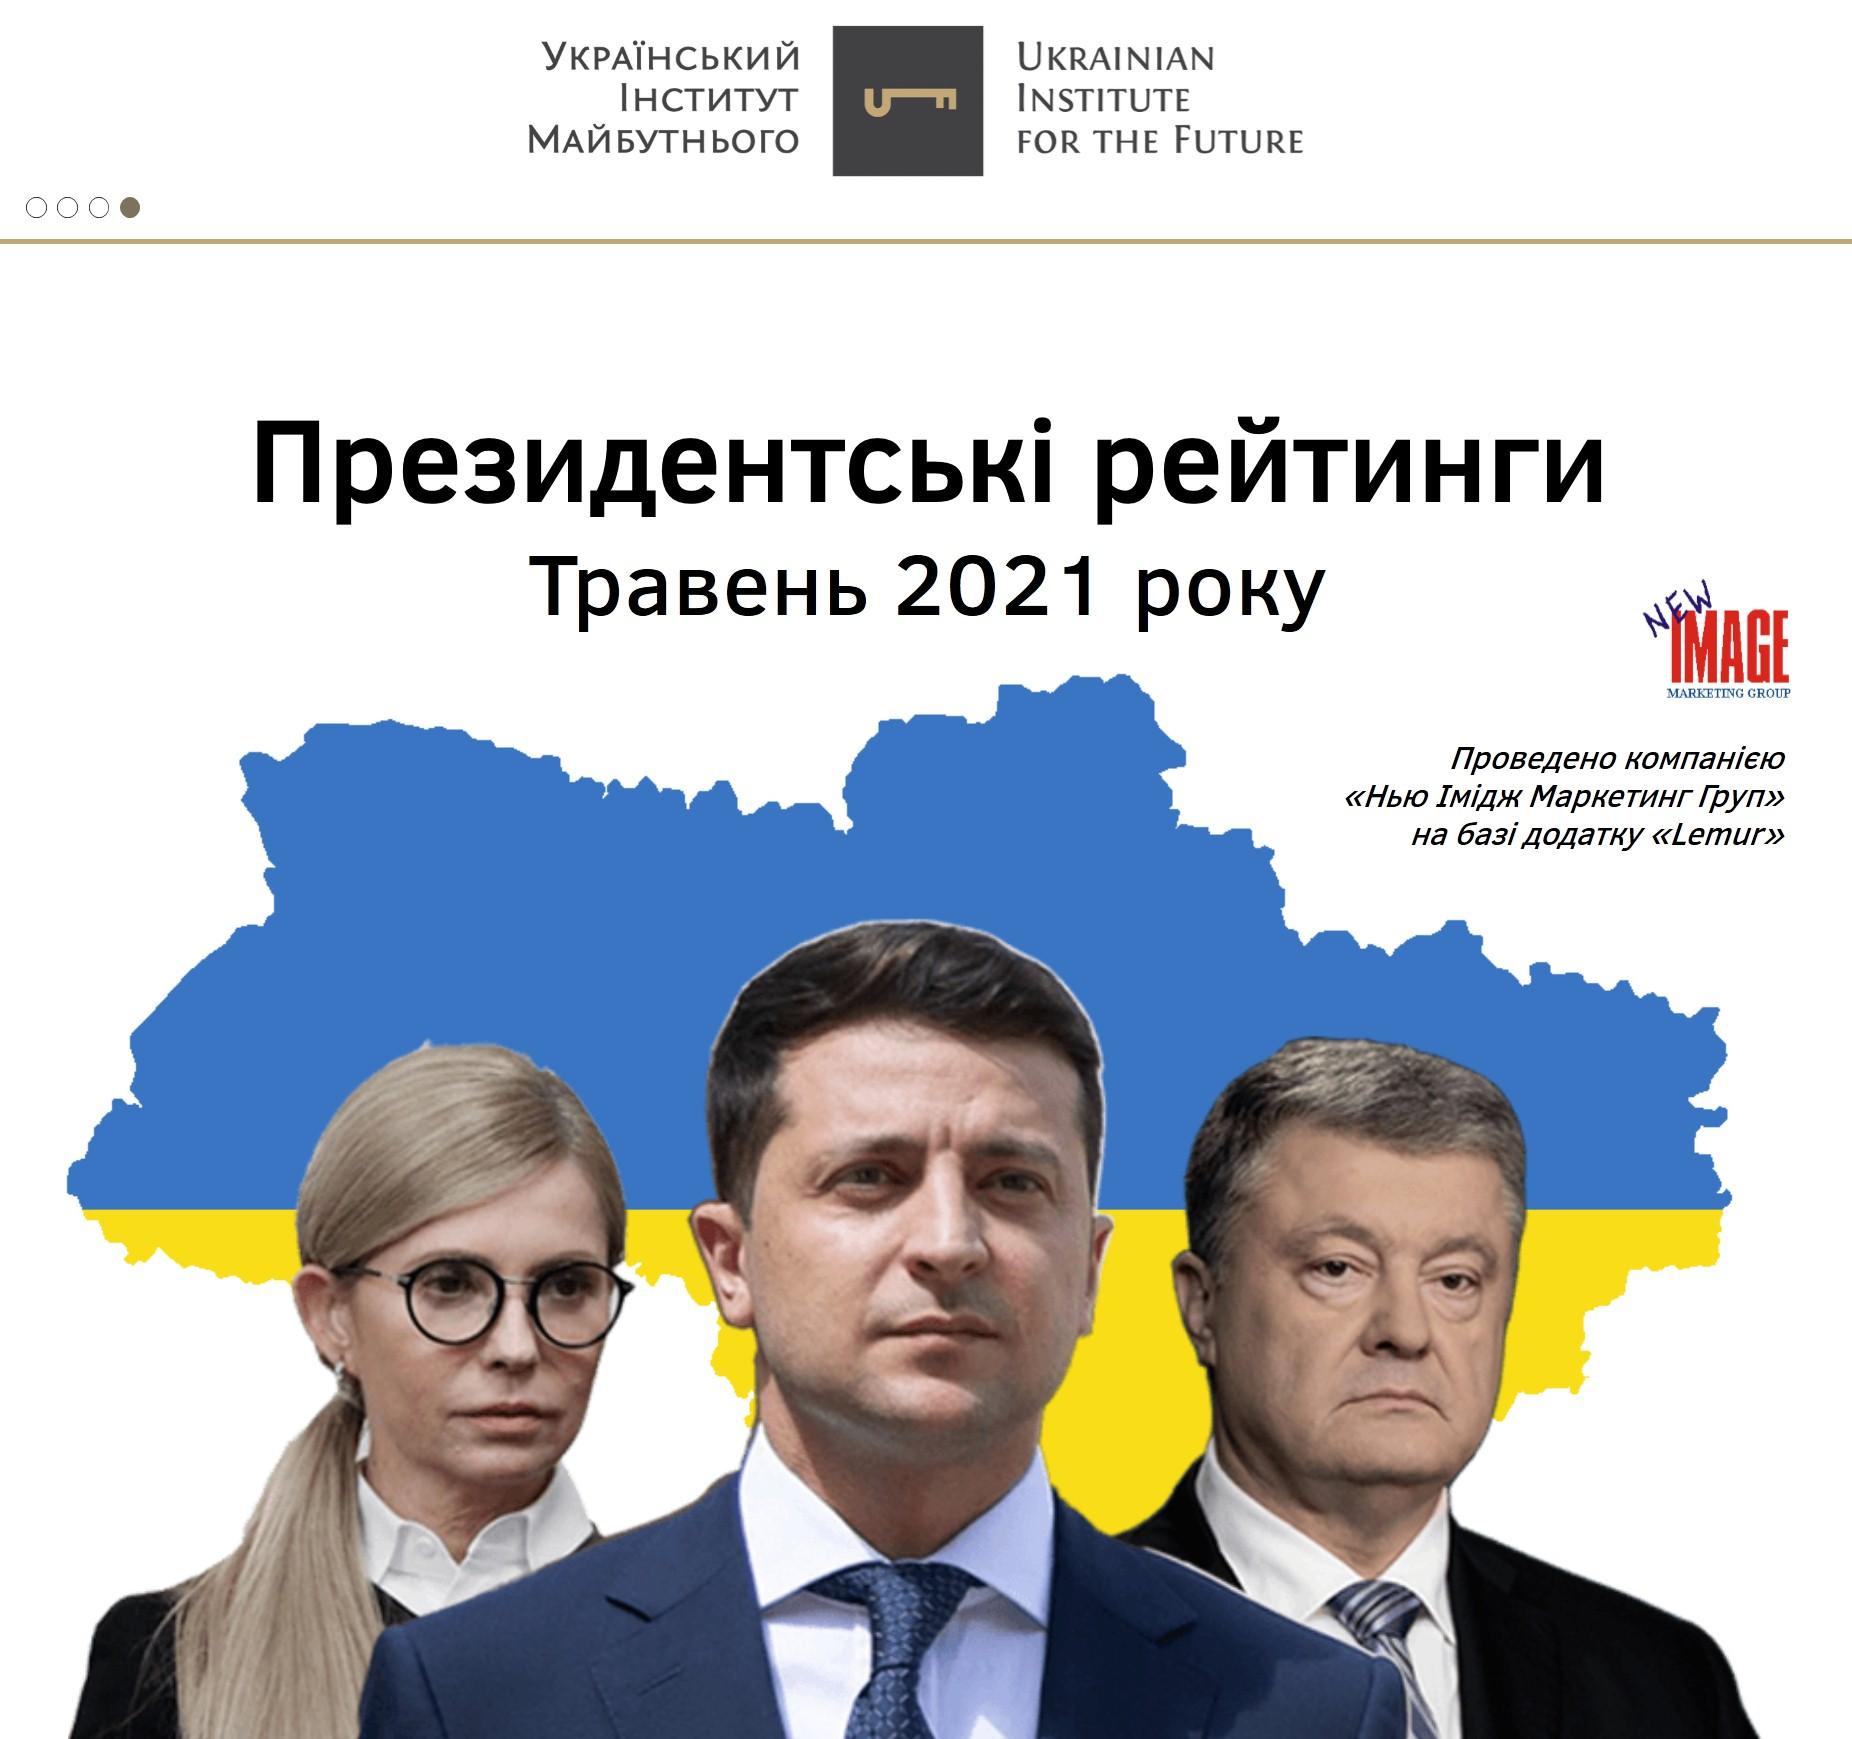 Володимир Зеленський та Юлія Тимошенко – лідери президентського рейтингу, – соціологія